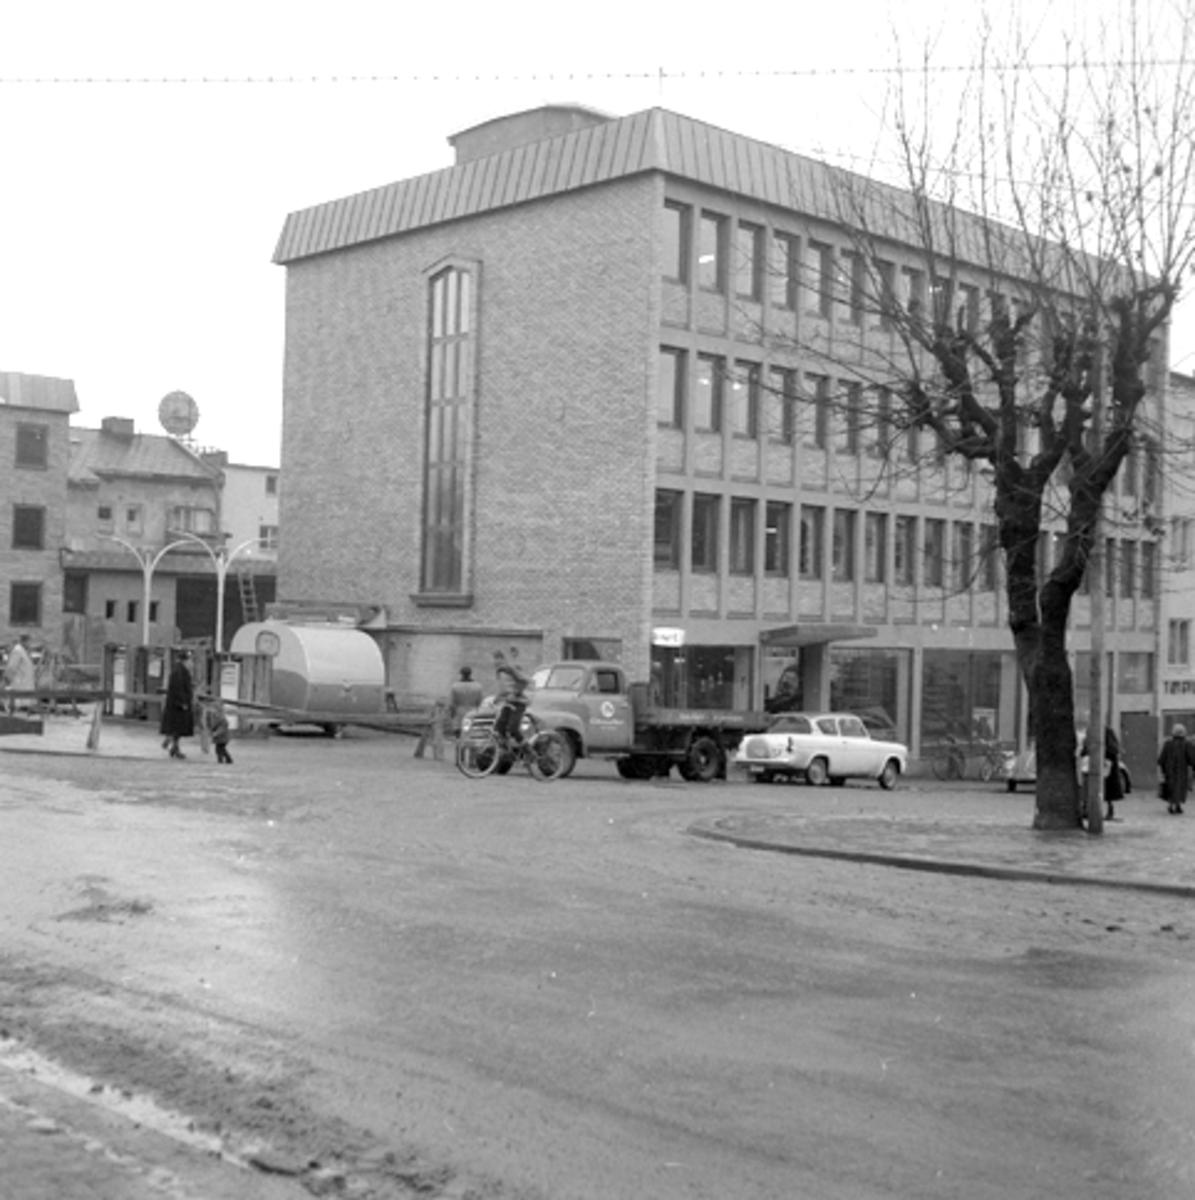 Grønnegata 54, Sverresgate Hamar. Opel Blitz lastebil 1952-60. Dessuten Ford Anglia, modellen som kom ny høsten 1959.